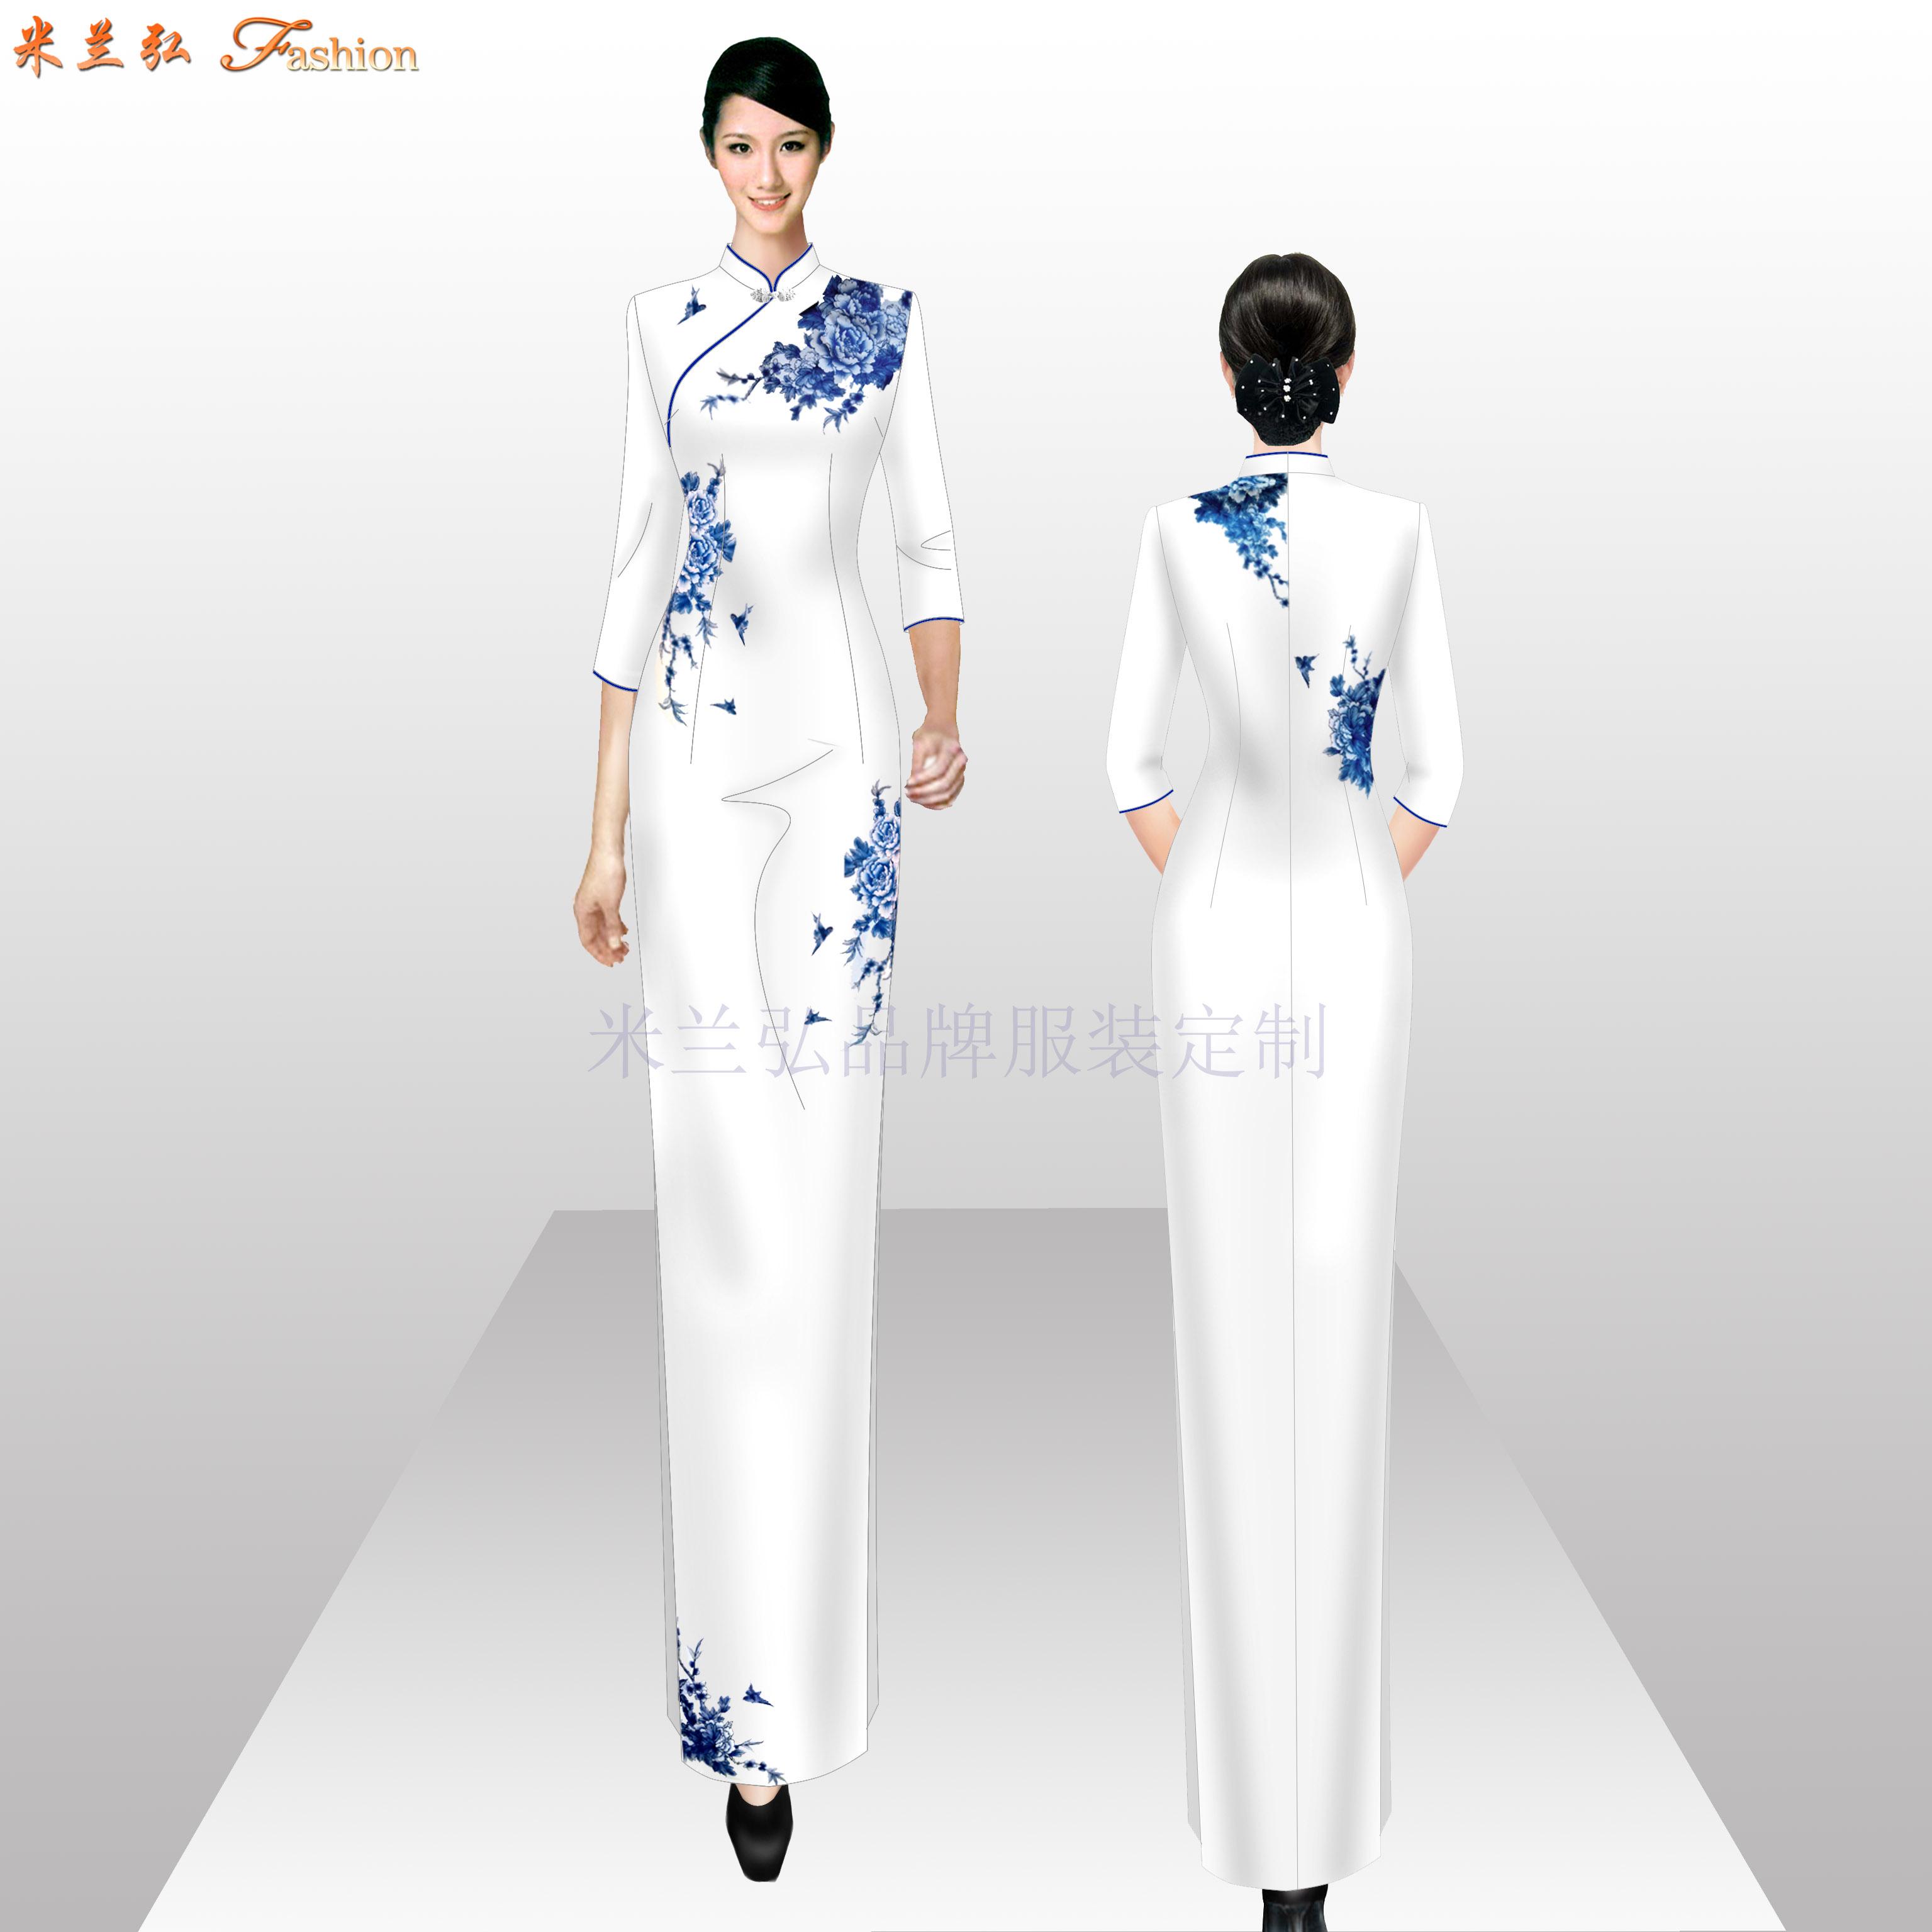 「真丝旗袍定制」「真丝旗袍订做」-米兰弘品牌服装-1